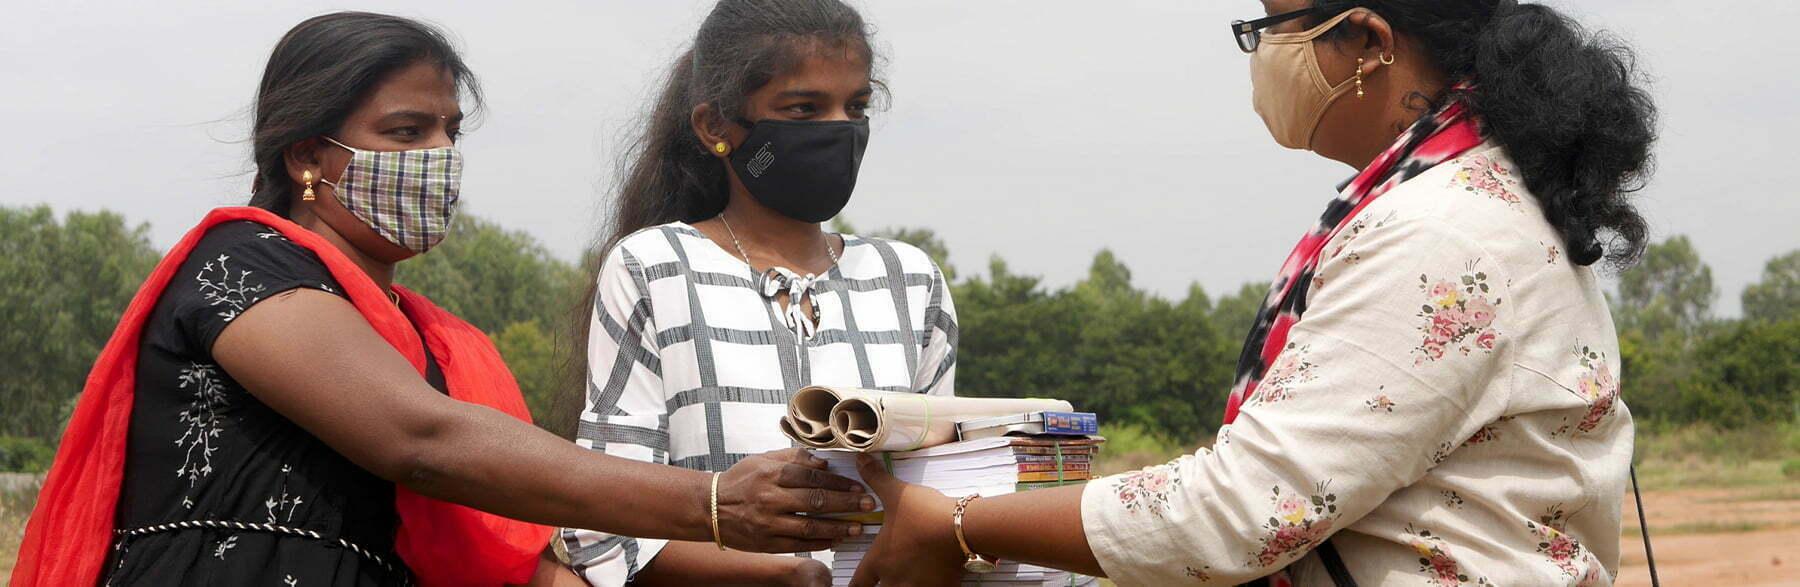 Kavita & Manju – A proud mother celebrates her daughter's graduation